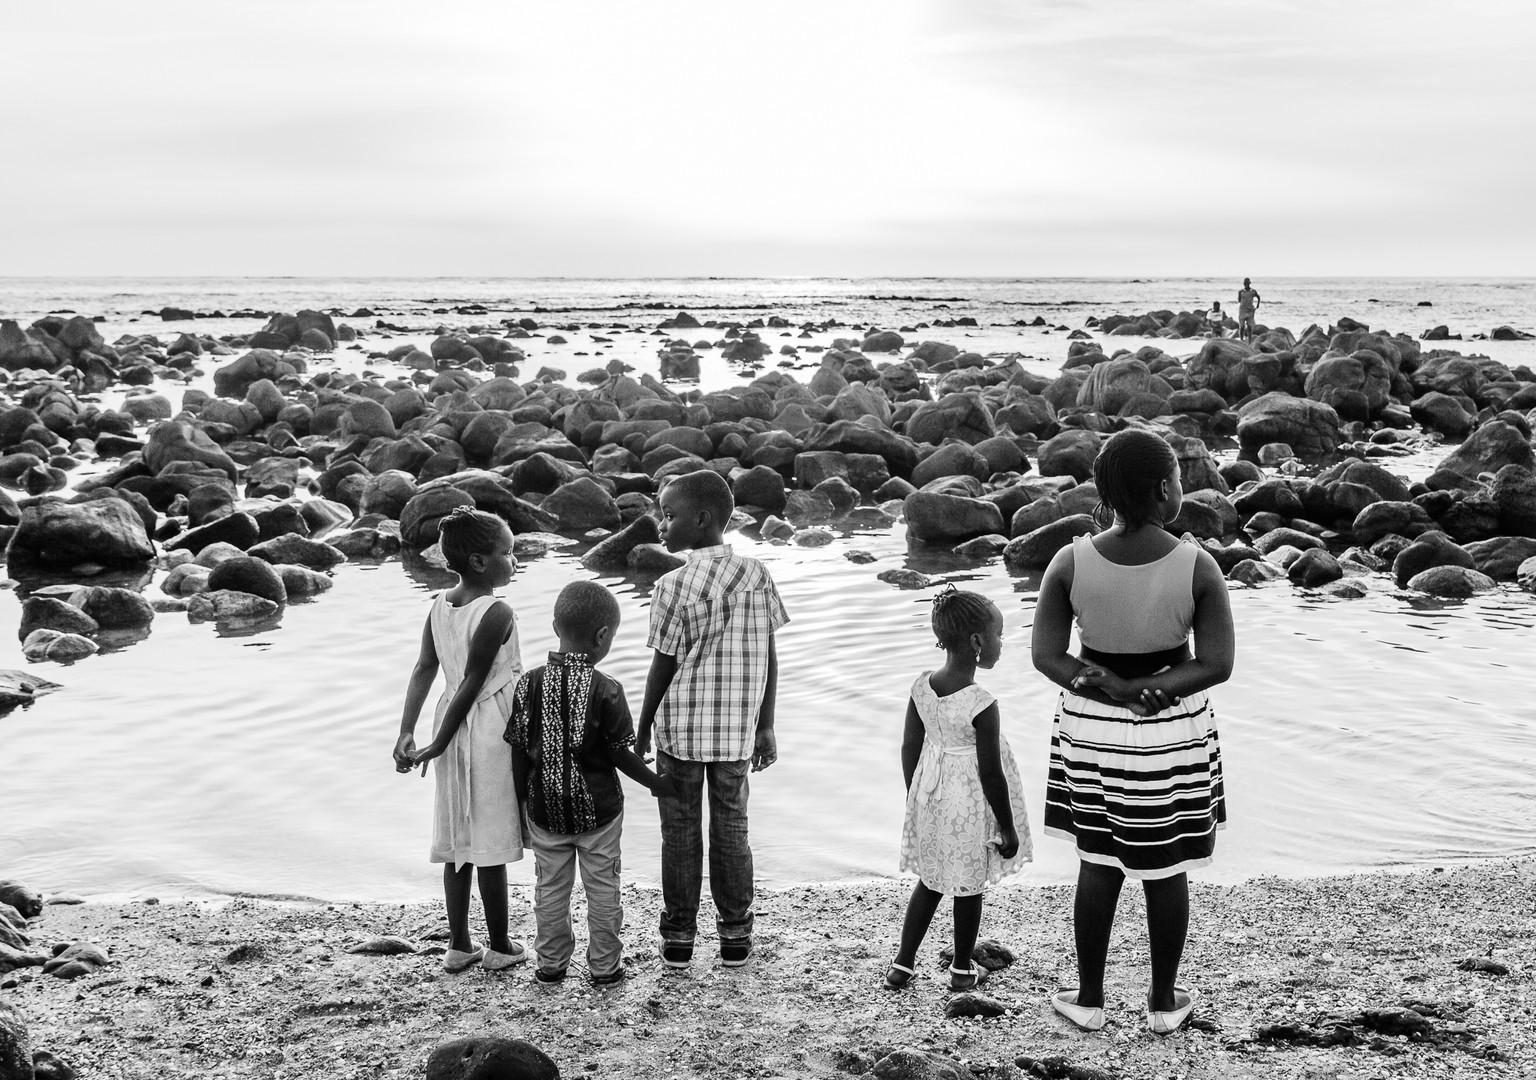 Plage Almadies, Senegal